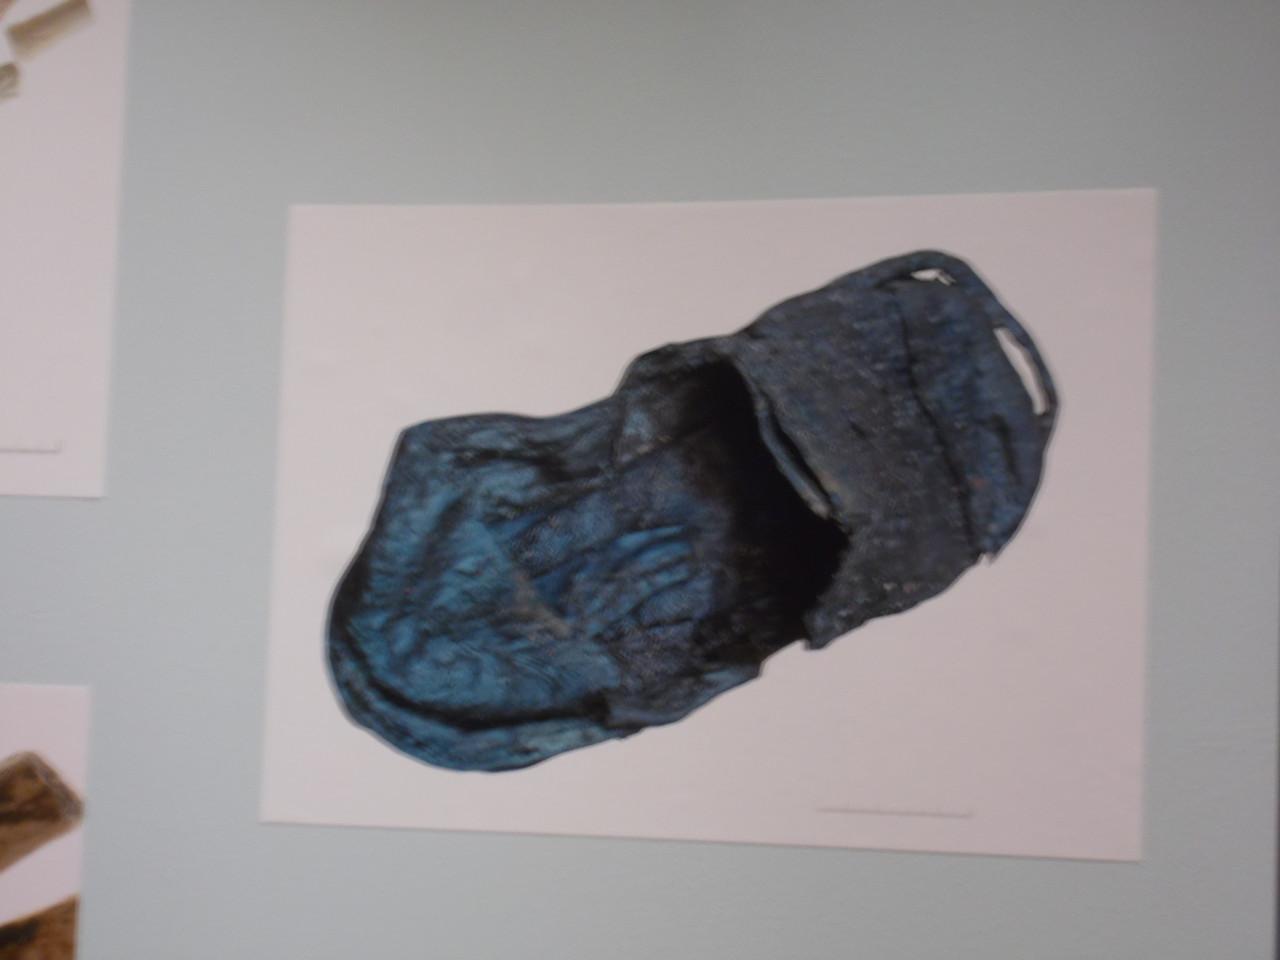 Arkeologidagen-006